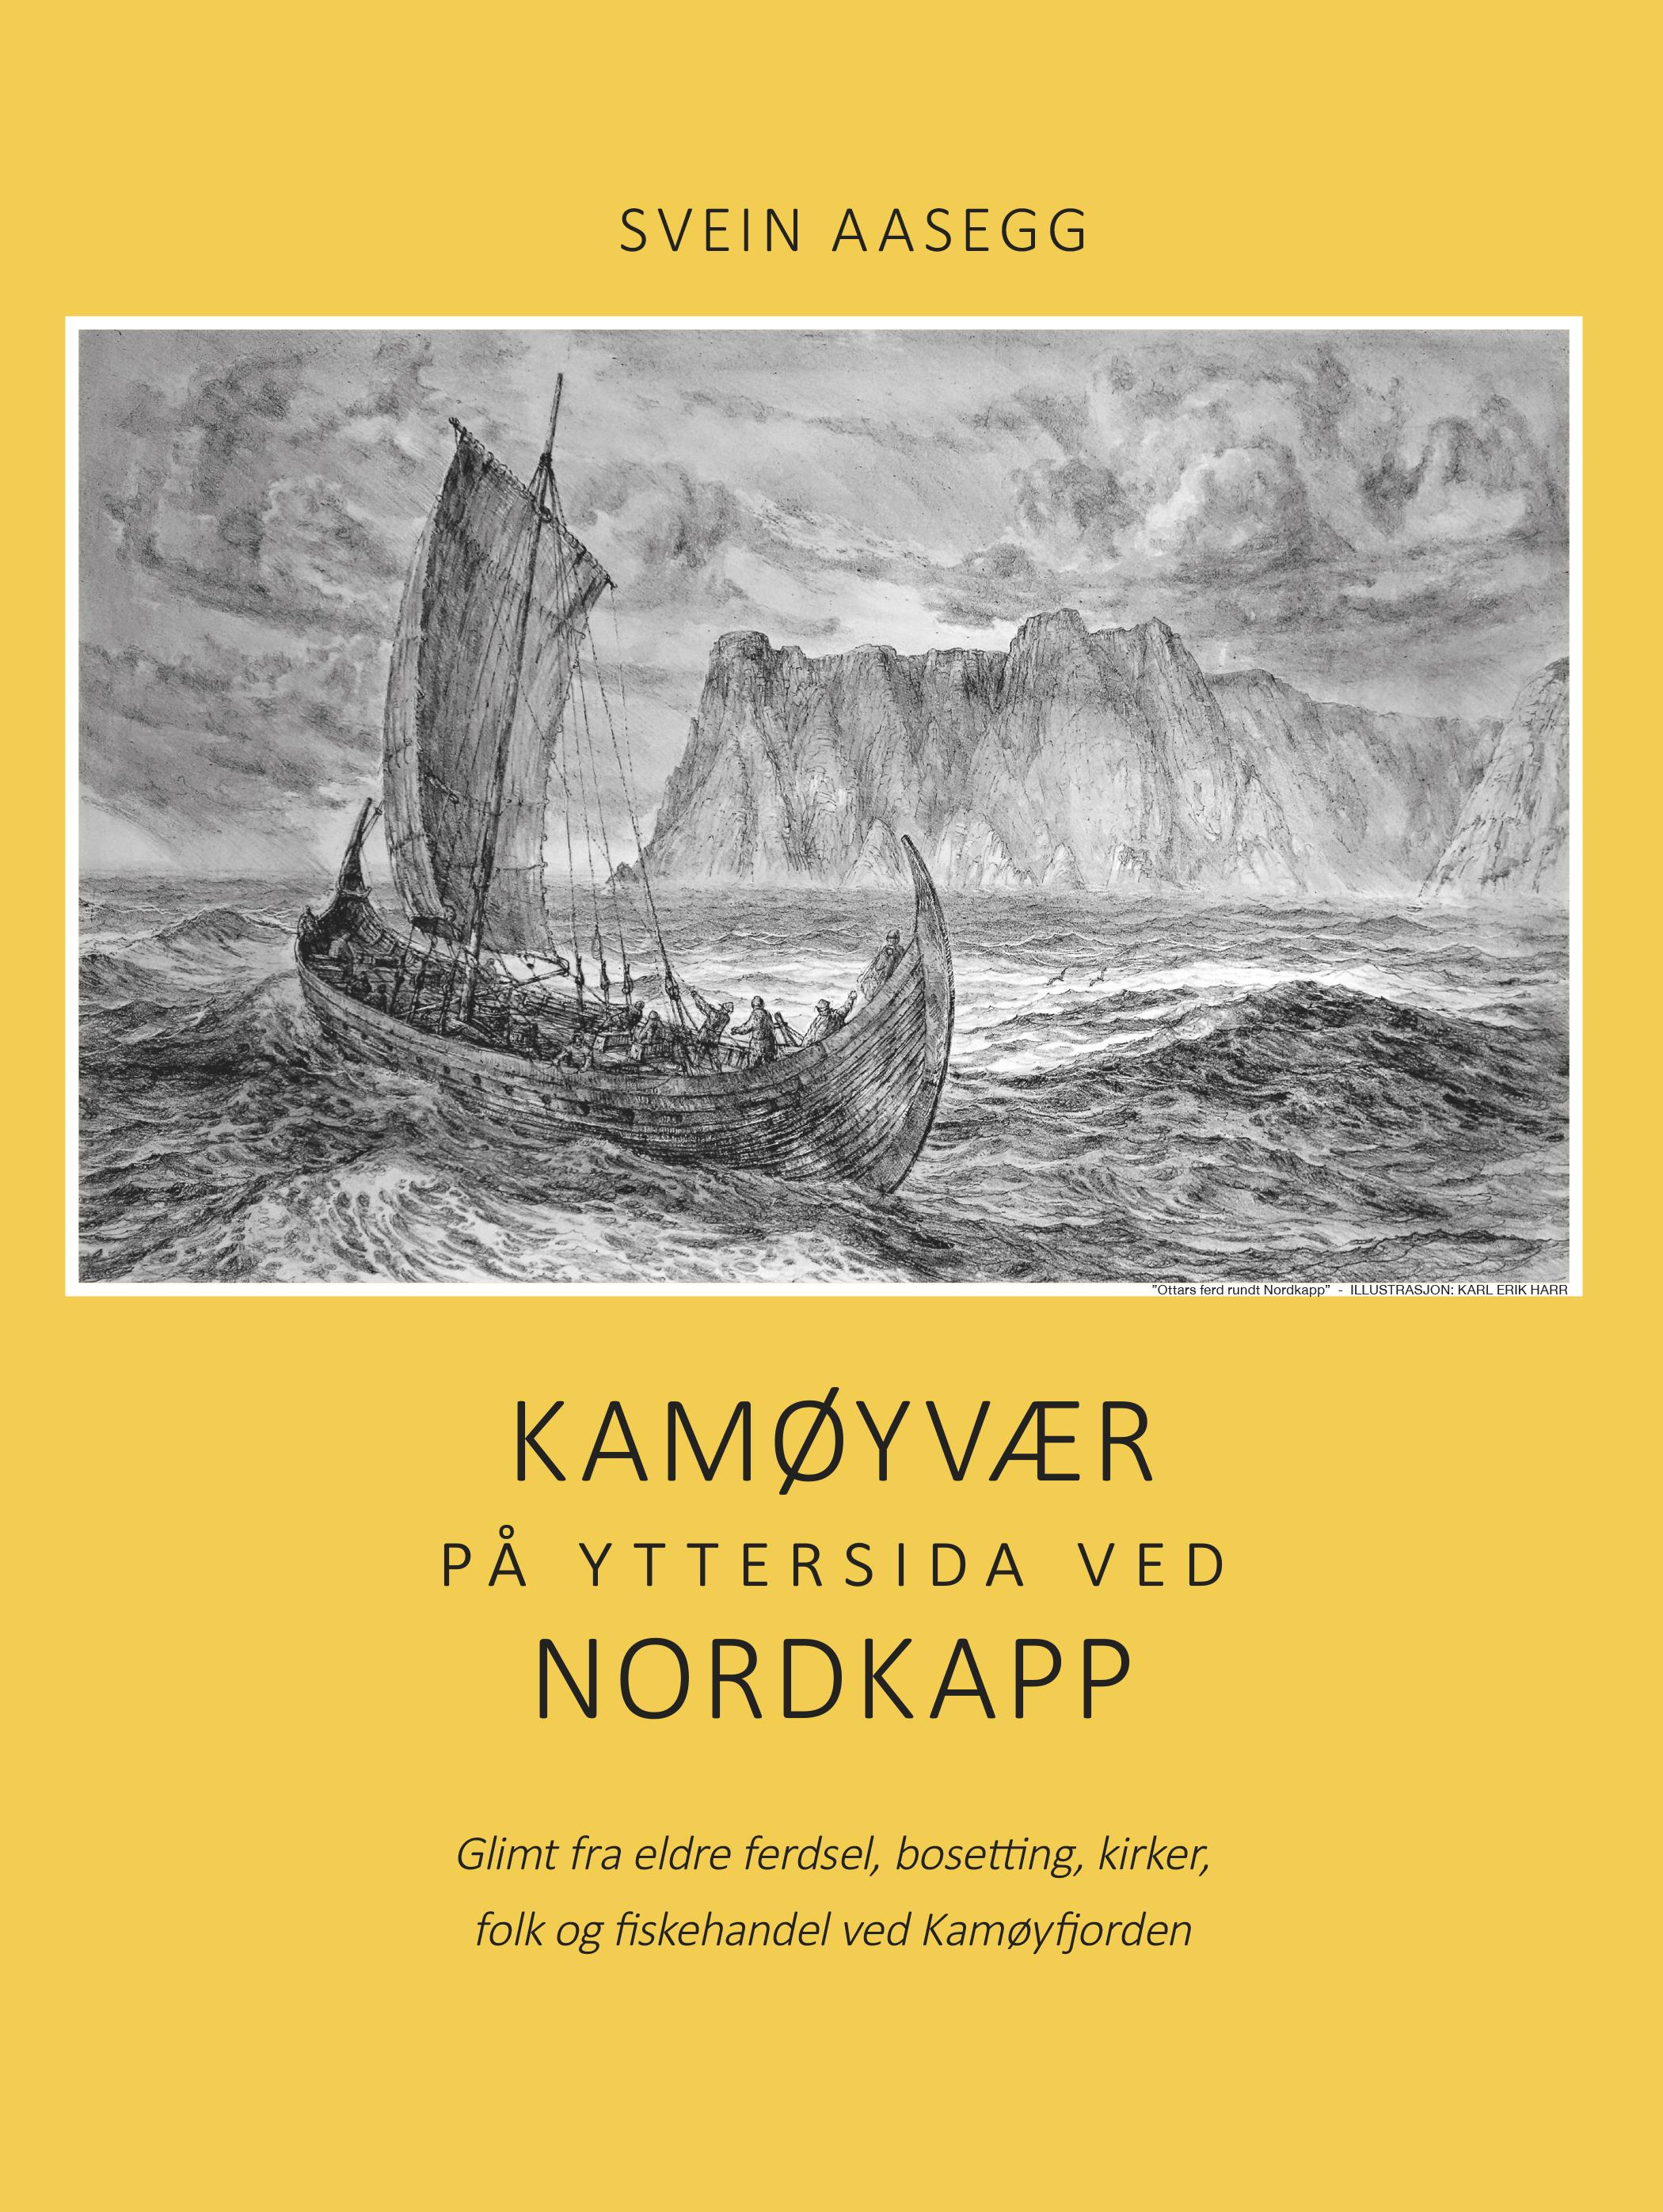 Kamøyværs historie_FORSIDEN.jpg